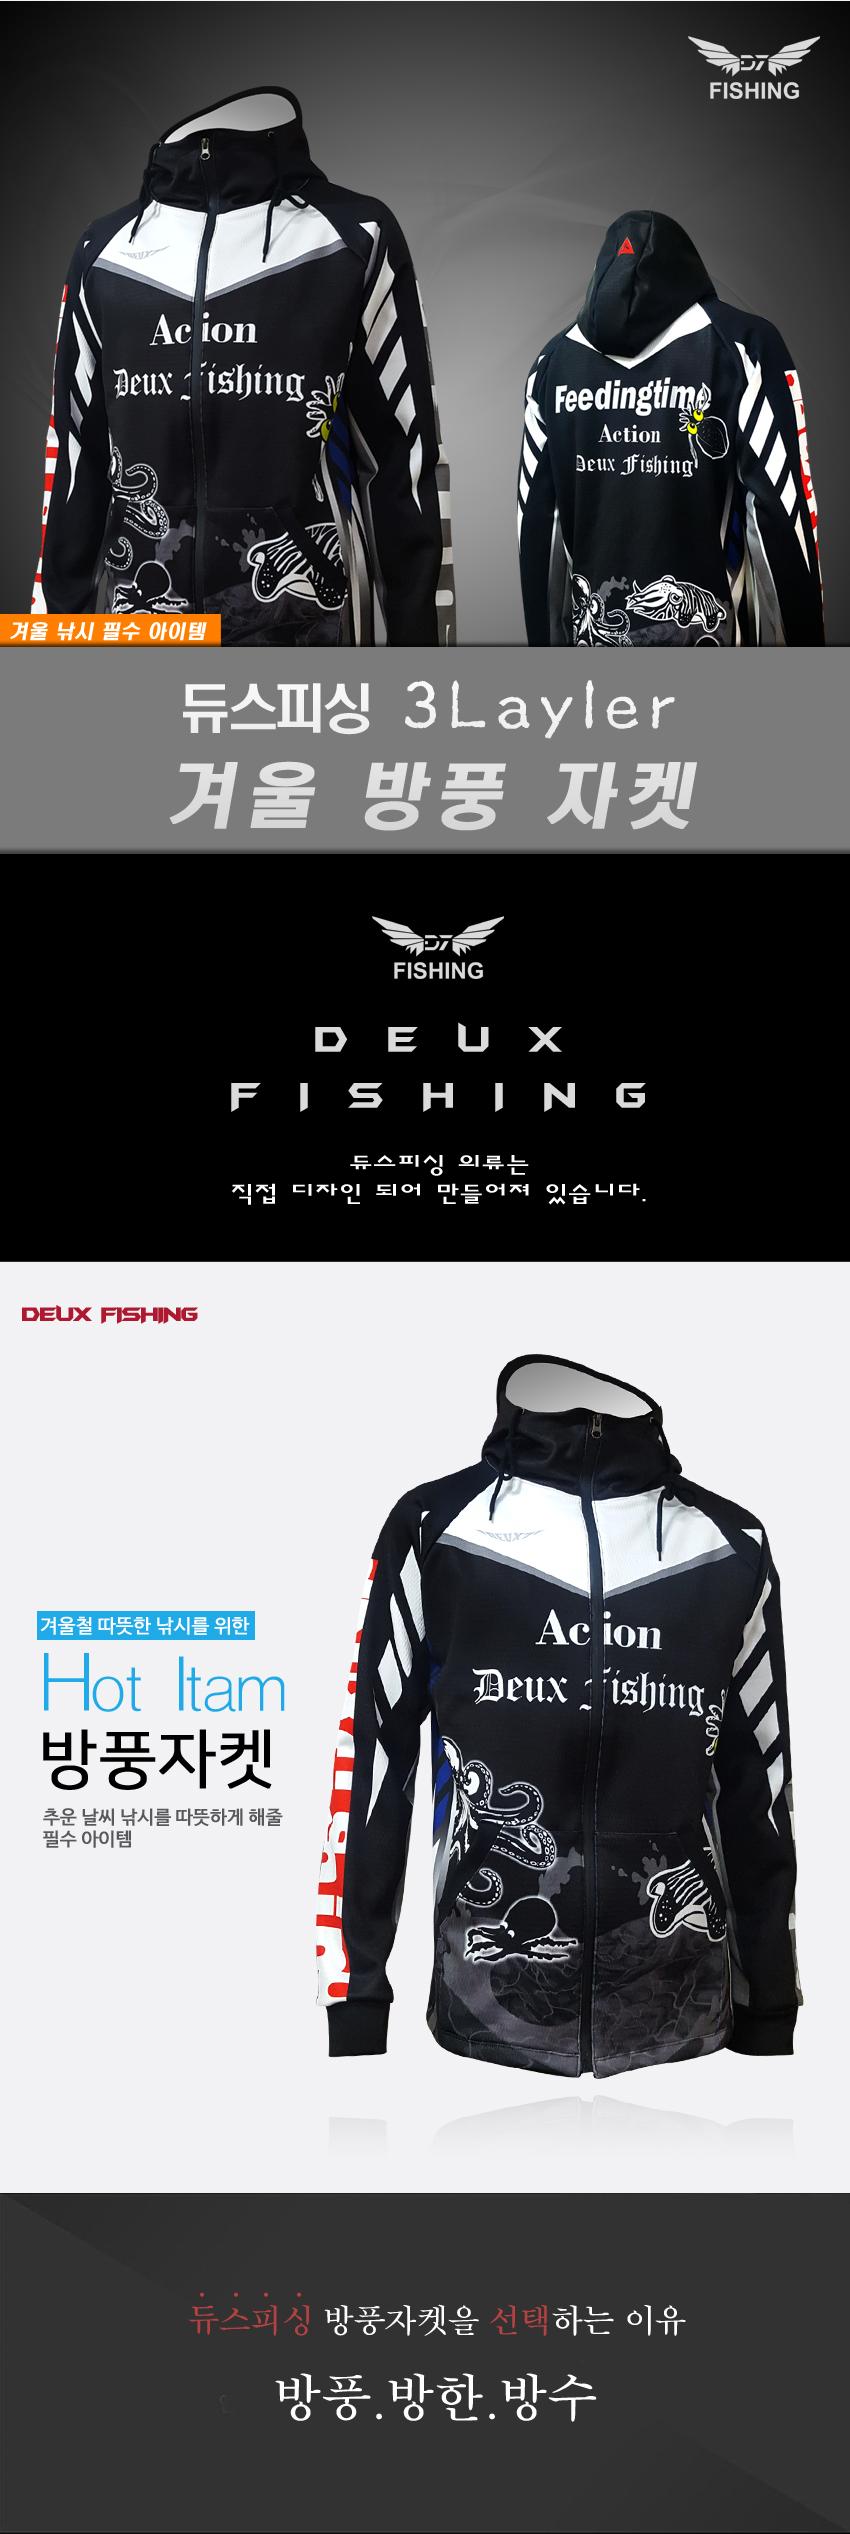 듀스세븐 겨울용 방풍 기모 후드자켓 WD-10 겨울옷 낚시복 춘추낚시복 사계절낚시복 고어택스낚시복 레인슈트 방수낚시복 춘계낚시복 외피 낚시복외피